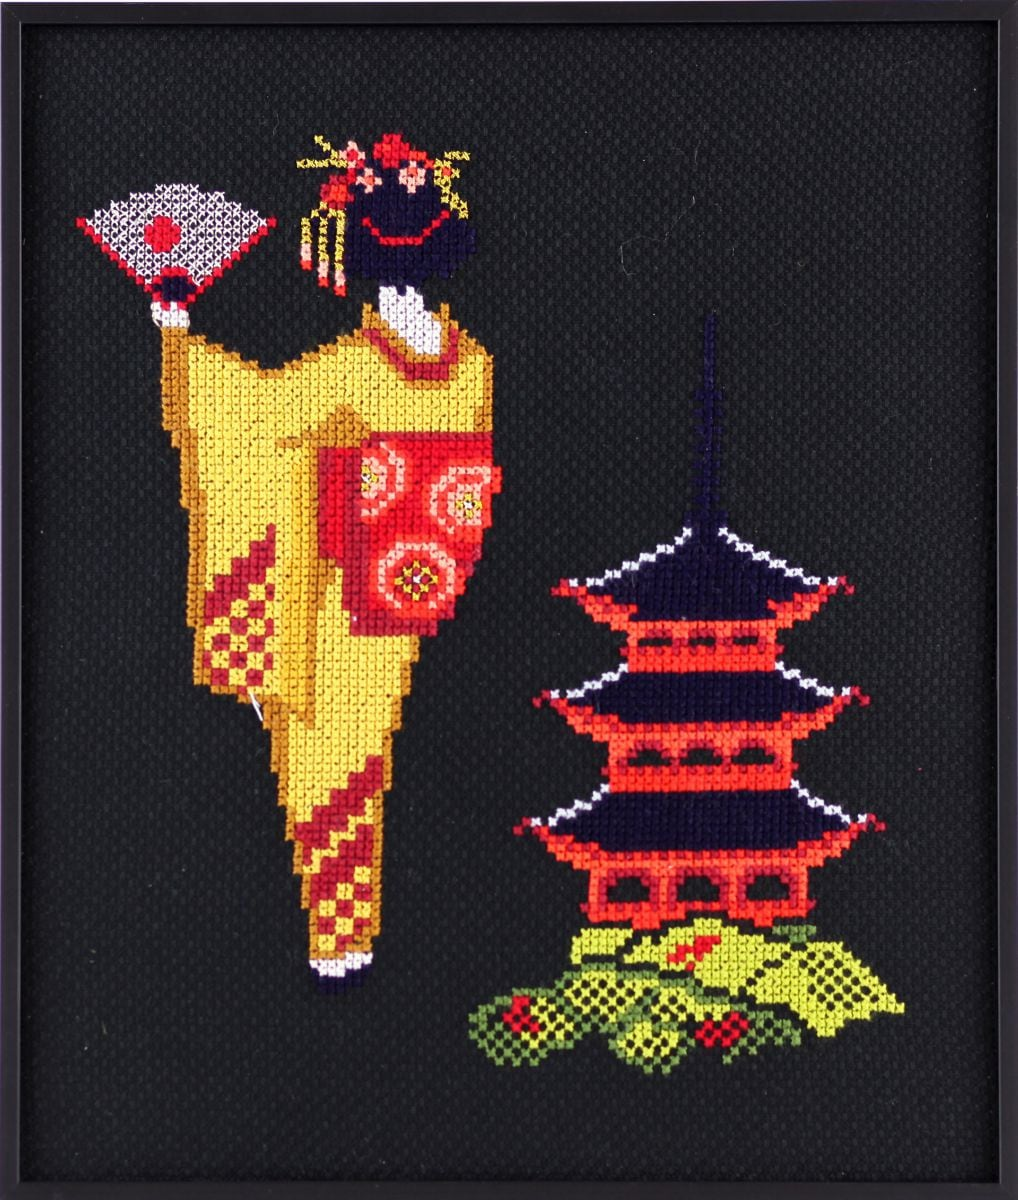 borduurpakket geisha